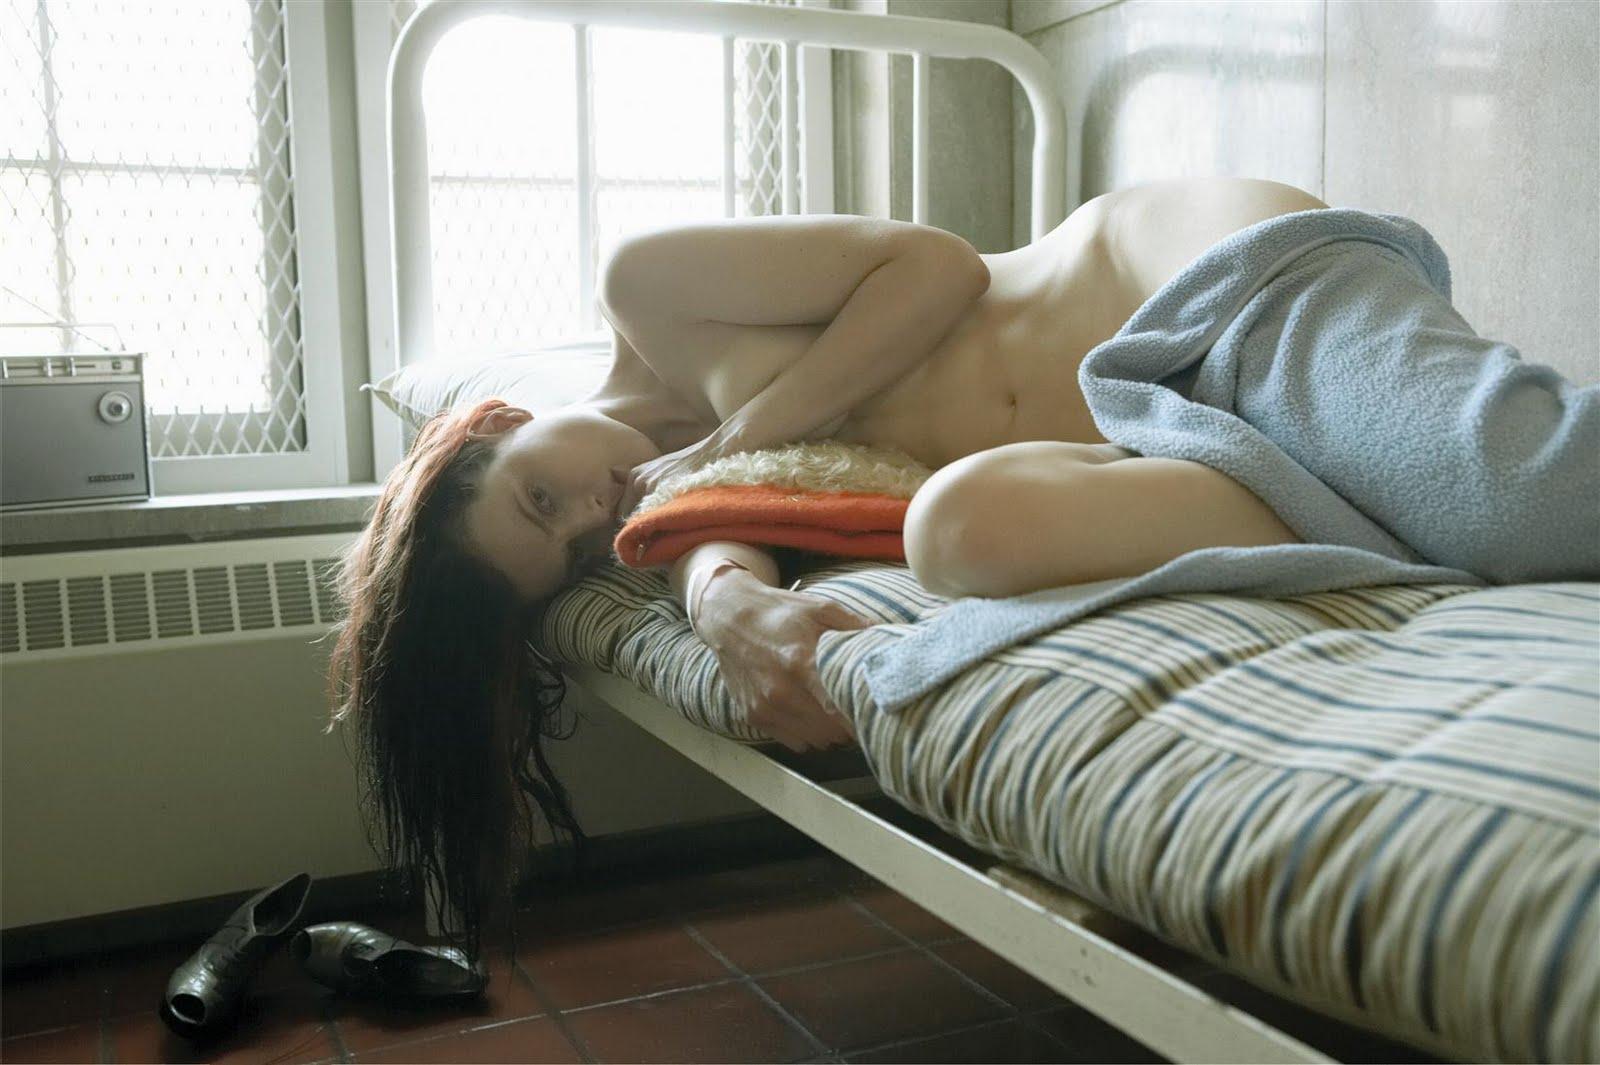 Секс в дурдом 27 фотография